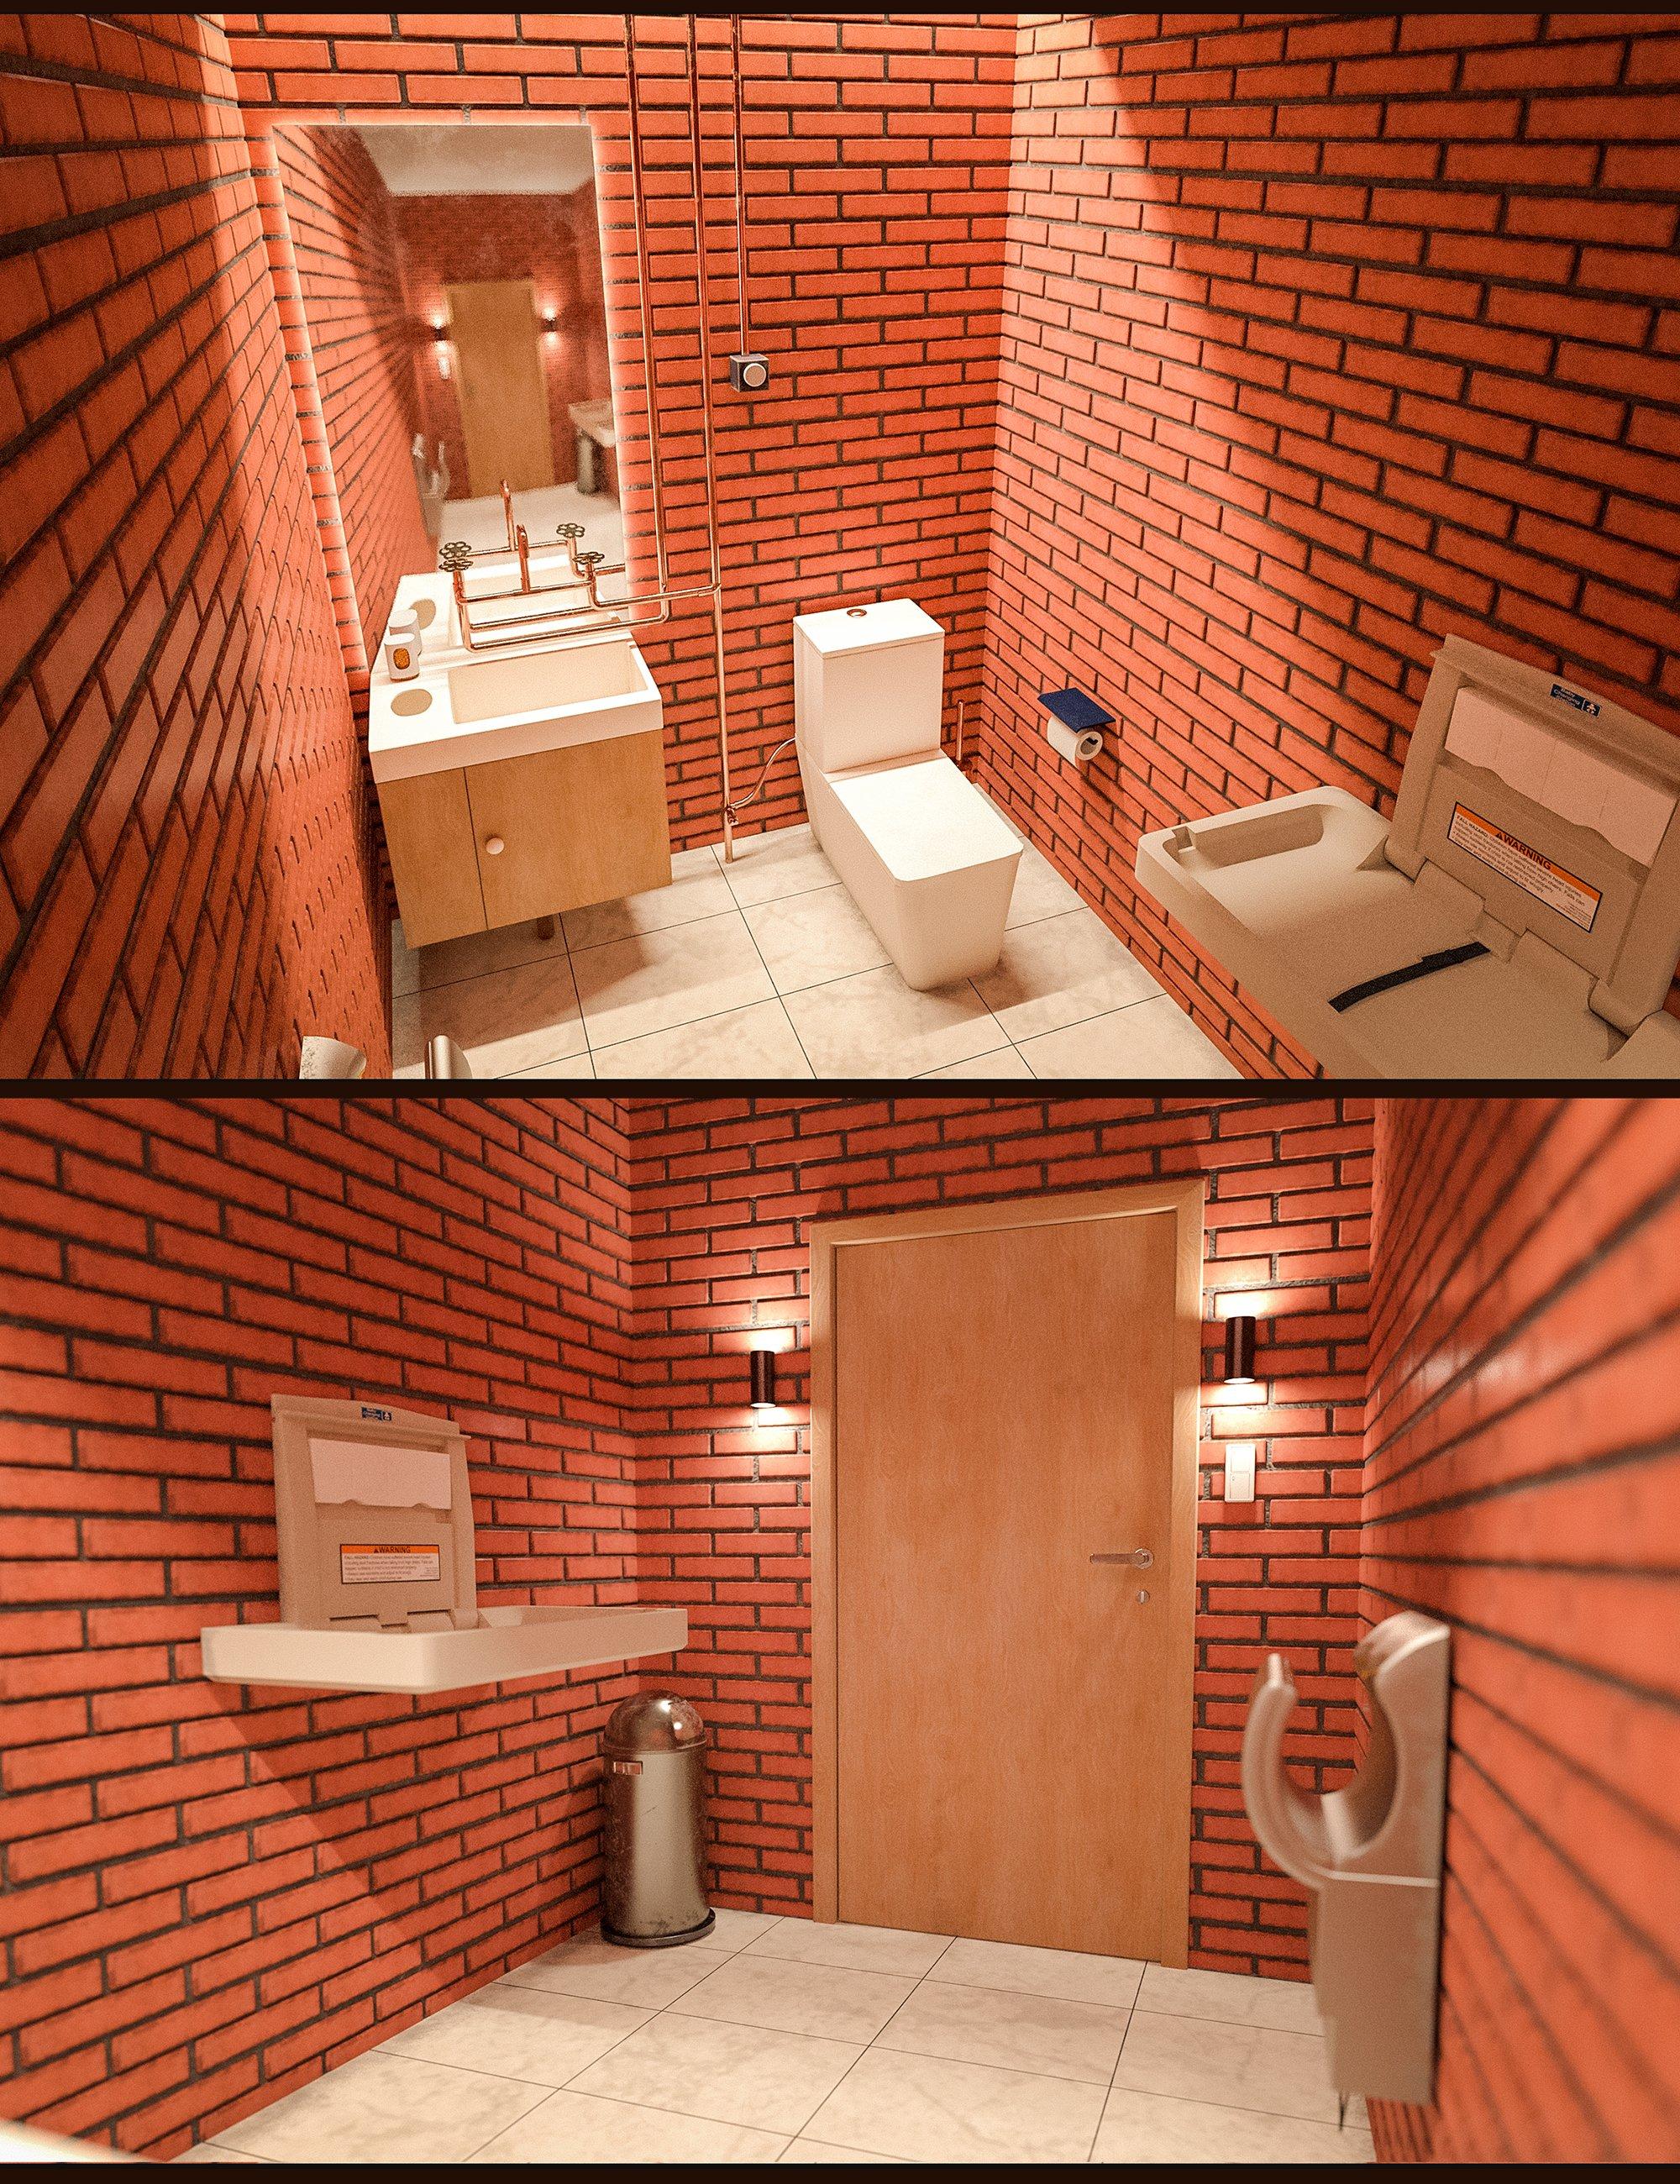 Yoga Club Washroom by: Polish, 3D Models by Daz 3D